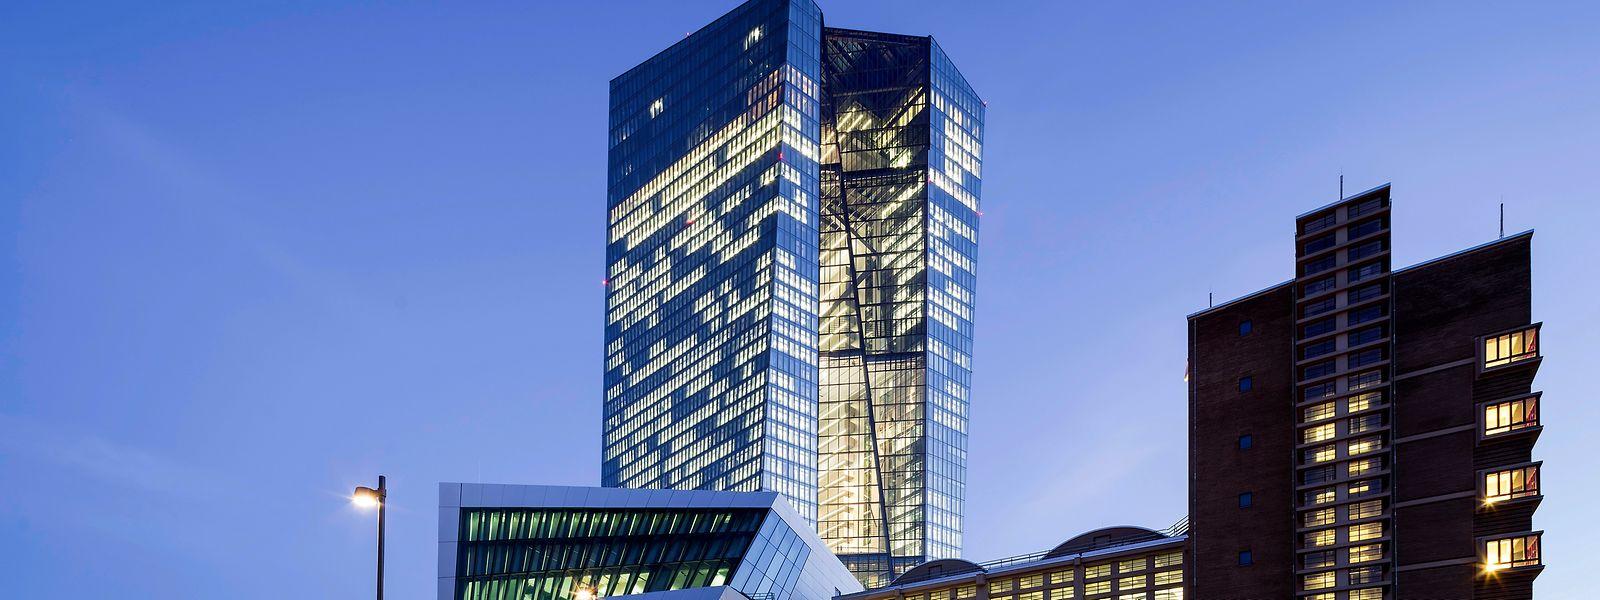 Seit 2015 ist der 200 Meter hohe gläserne Turm im Osten Frankfurts das neue Zuhause der EZB.